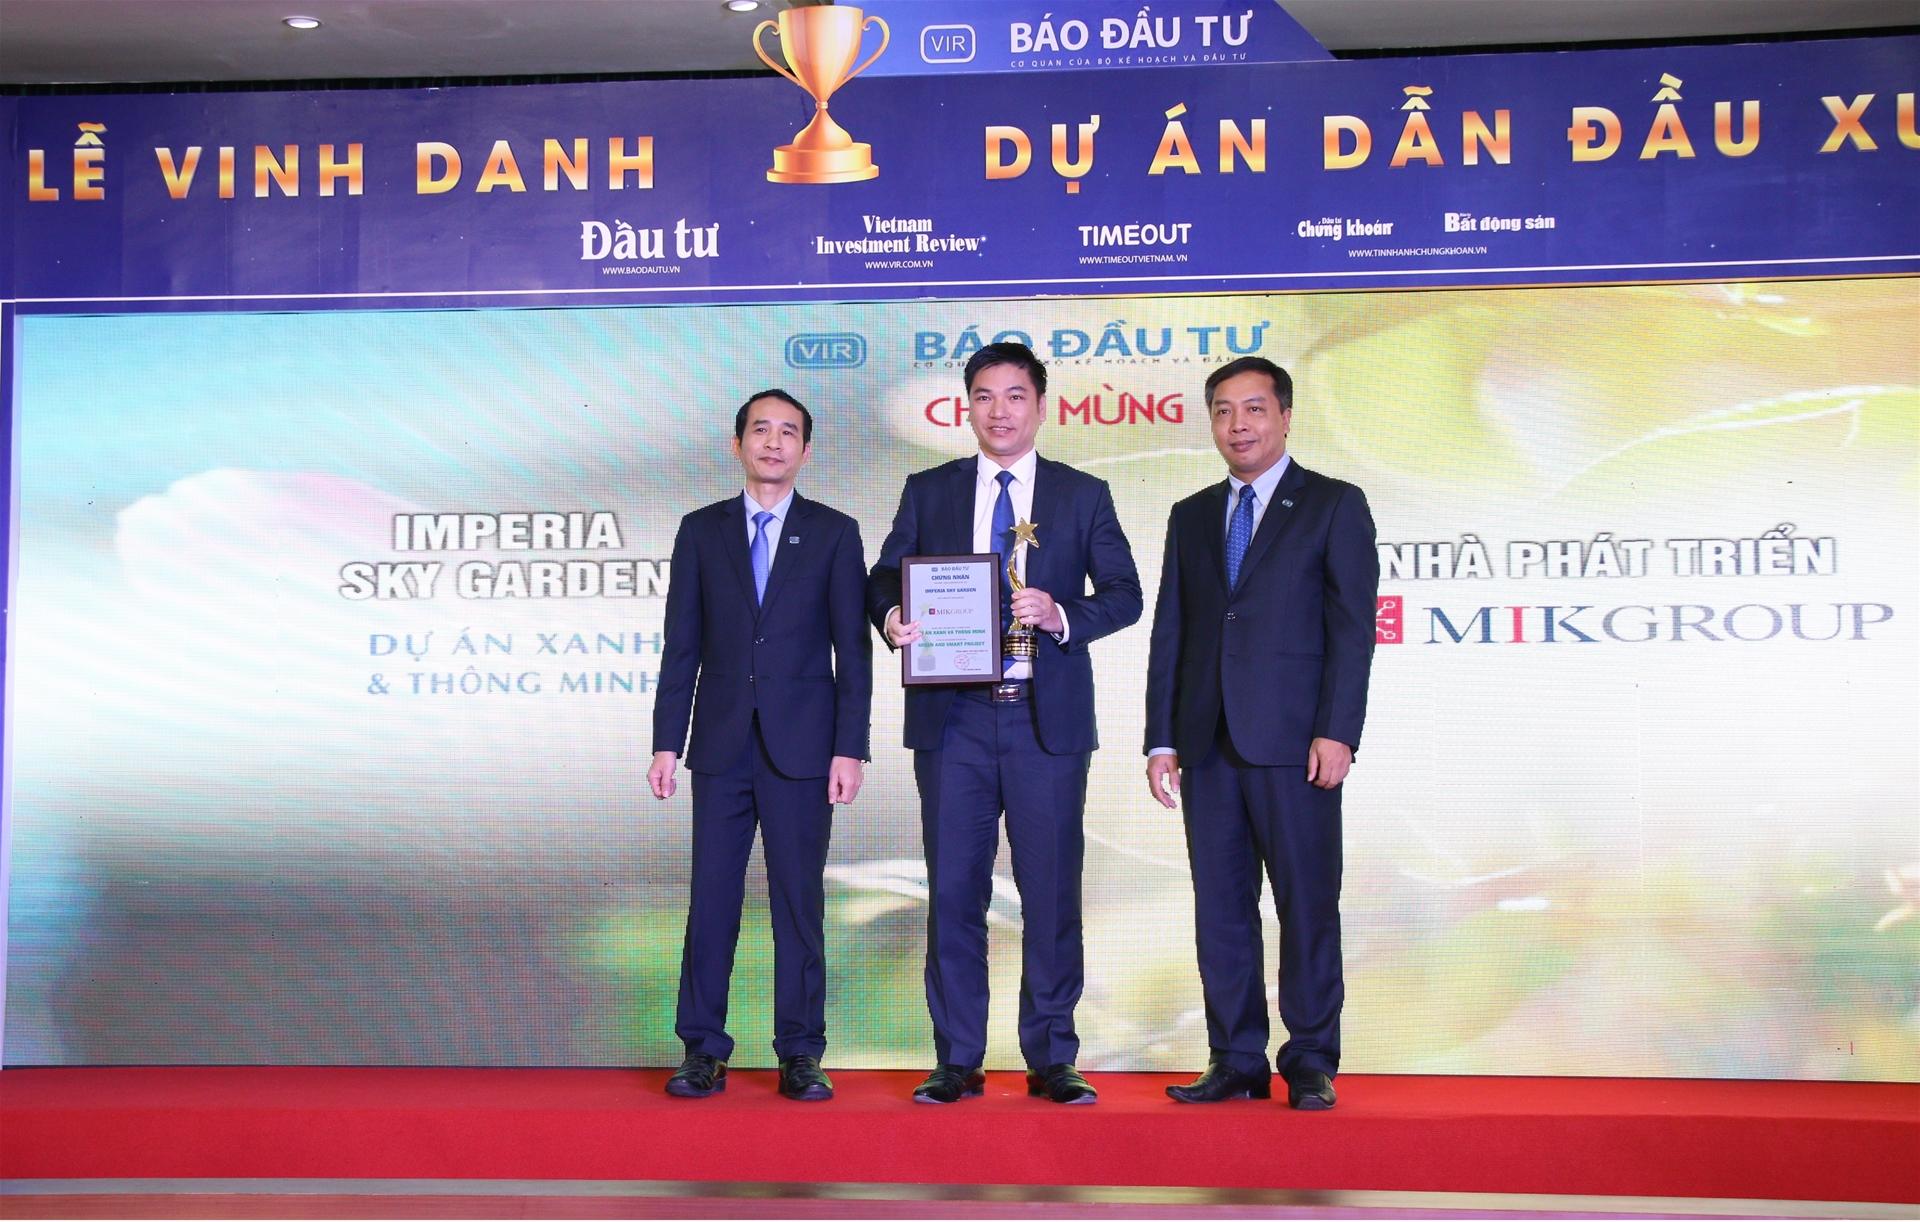 Ông Chu Thanh Hiếu – TGĐ MIK Home, đại diện MIKGroup nhận giải thưởng